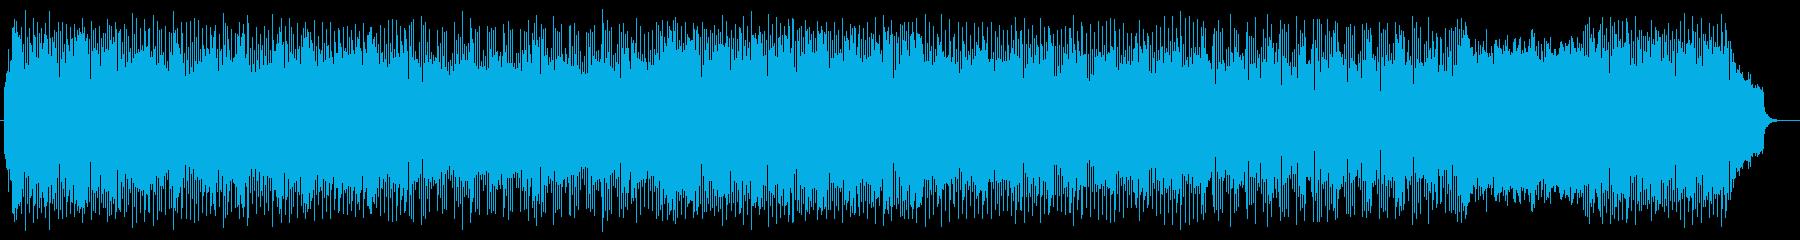 爽やかな響きのピアノポップスの再生済みの波形